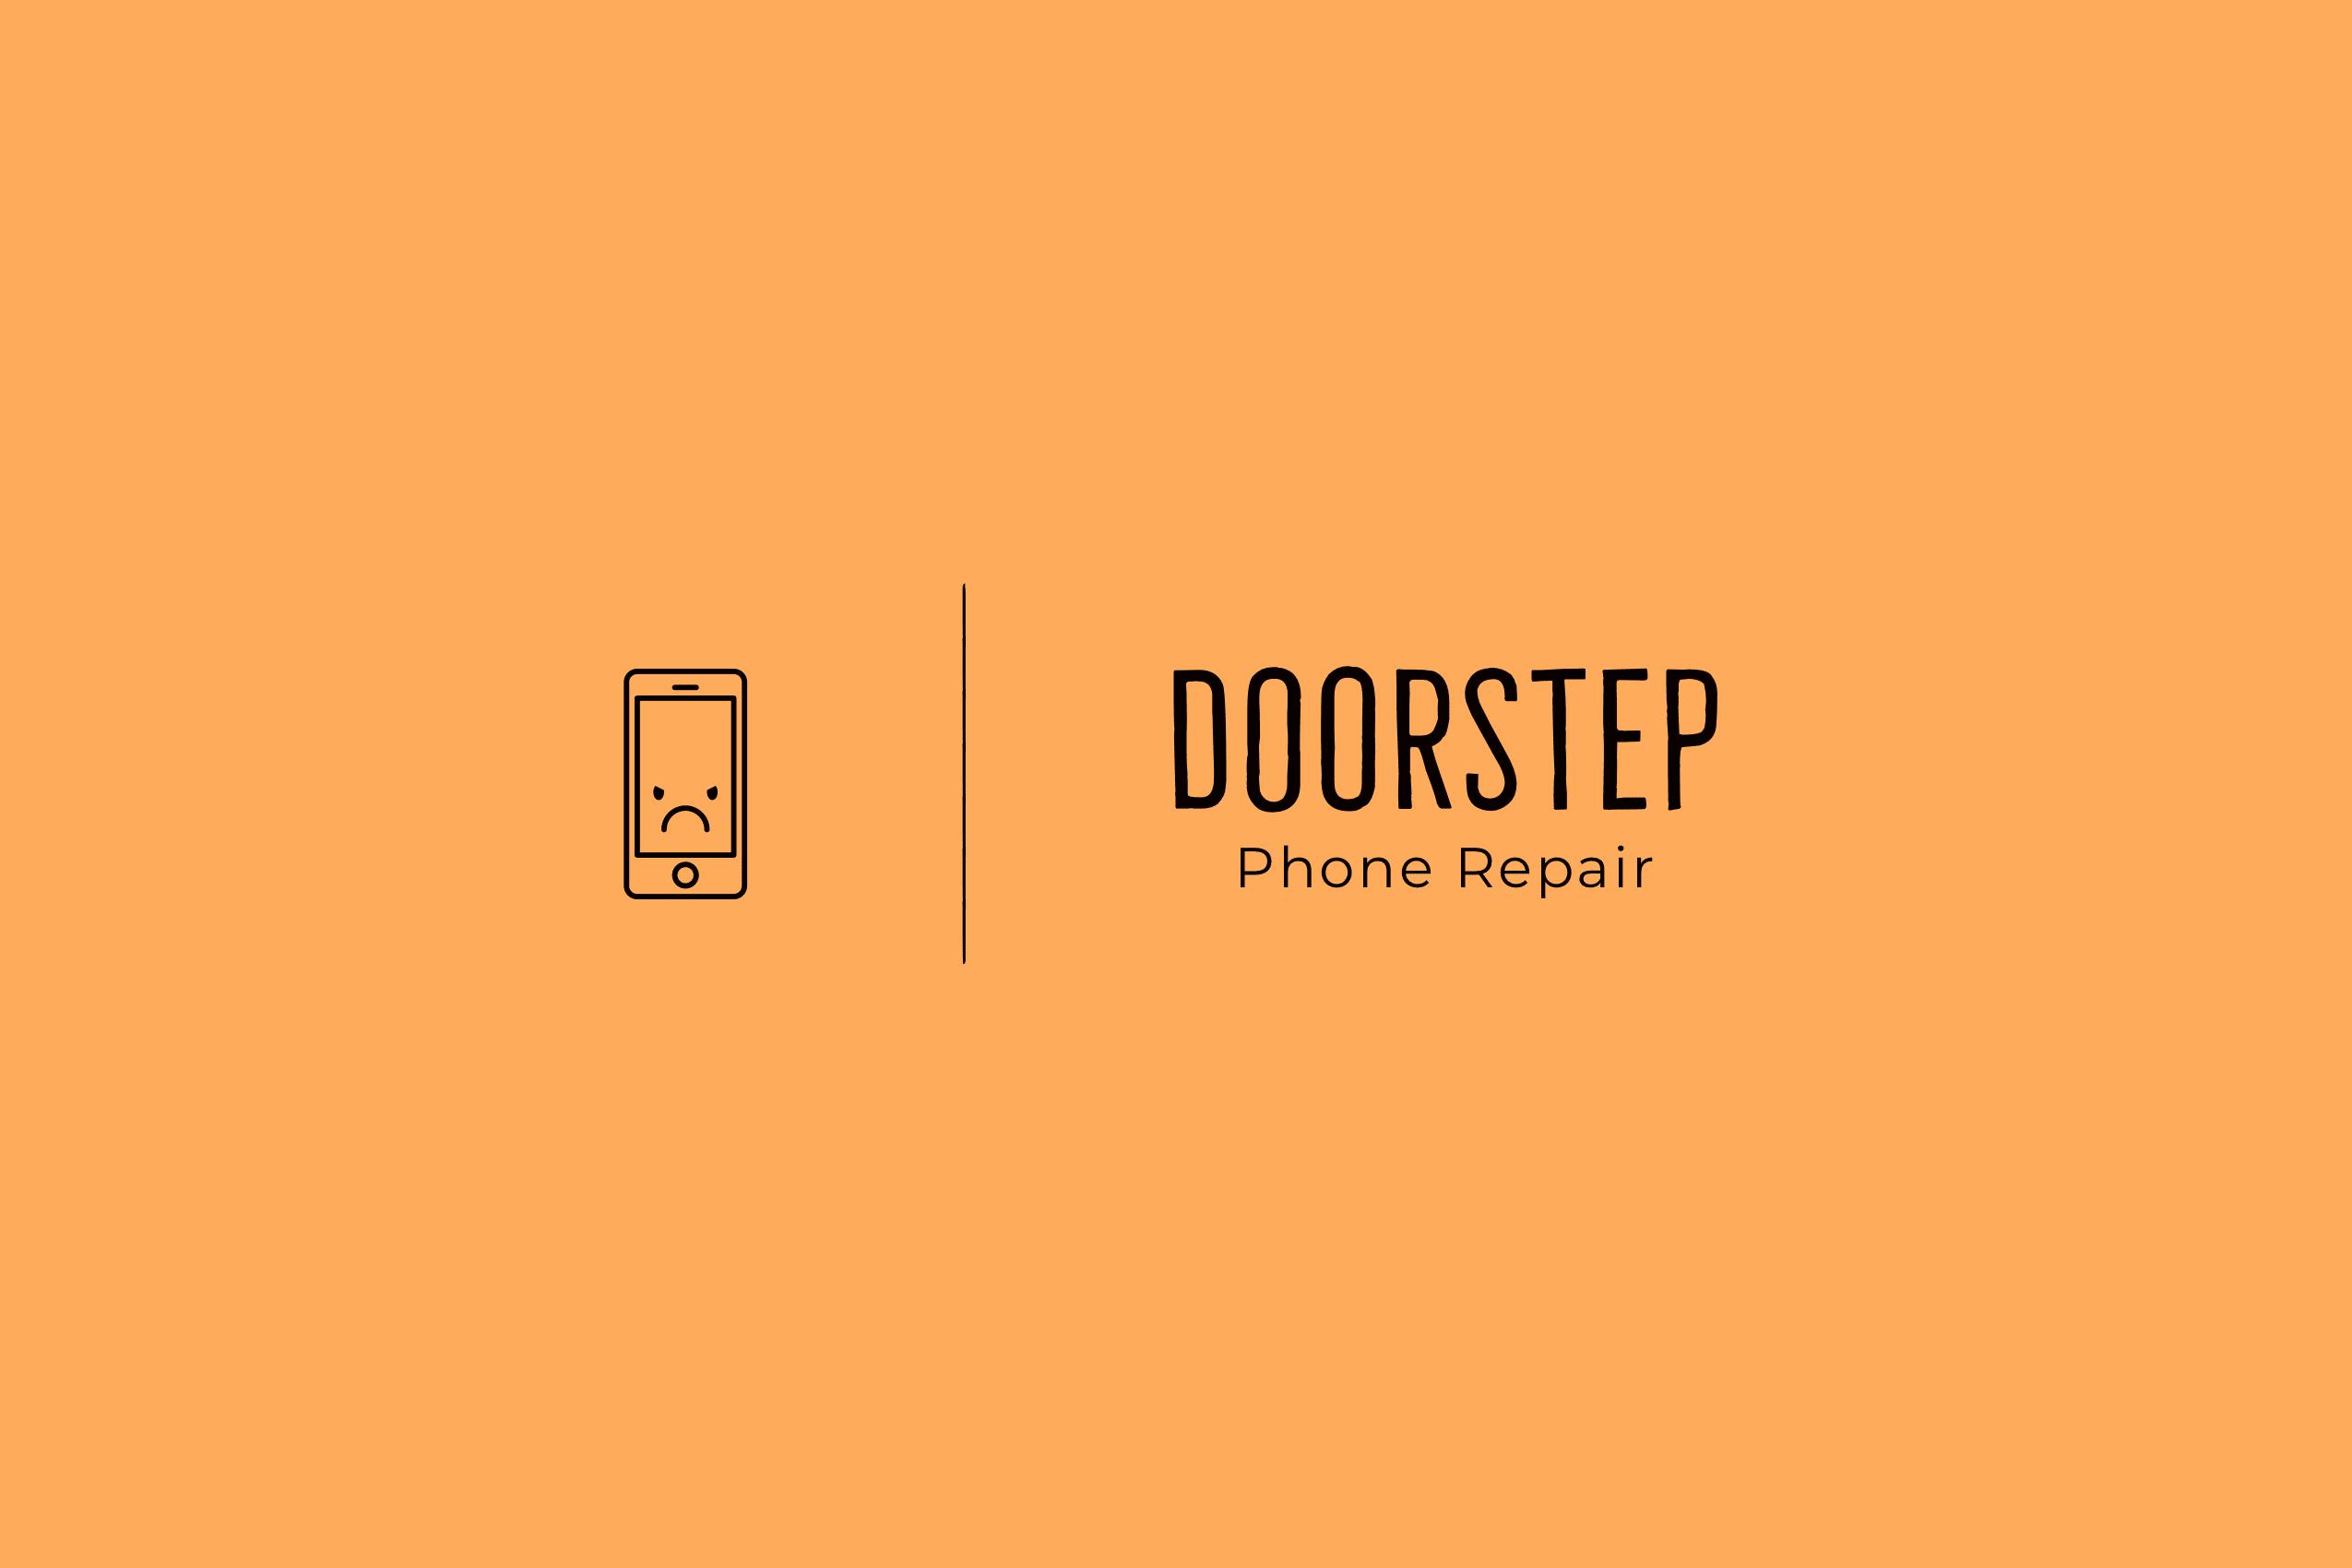 DoorStep Phone Repair